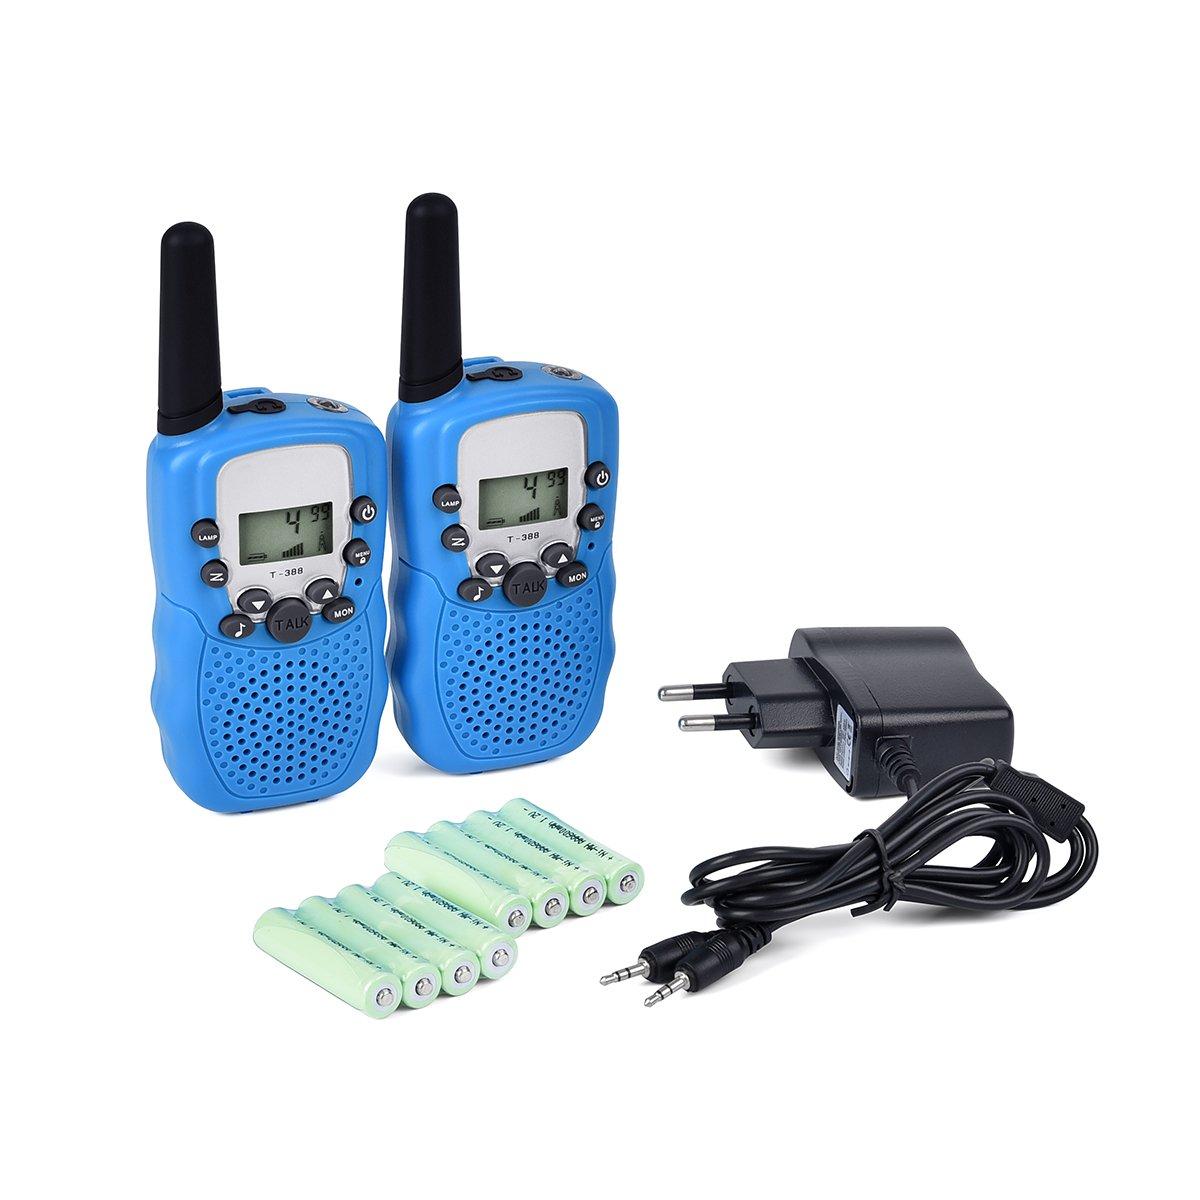 Upgrow 2x Walkie Talkies Set Kinder Funkgeräte mit Ladegerät und Akkus 3KM Reichweite 8 Kanäle VOX Taschenlampe Walki Talki Spielzeug für Kinder mit 8 Akkus Wiederaufladbar (Gelb) T-388 walkie talkies